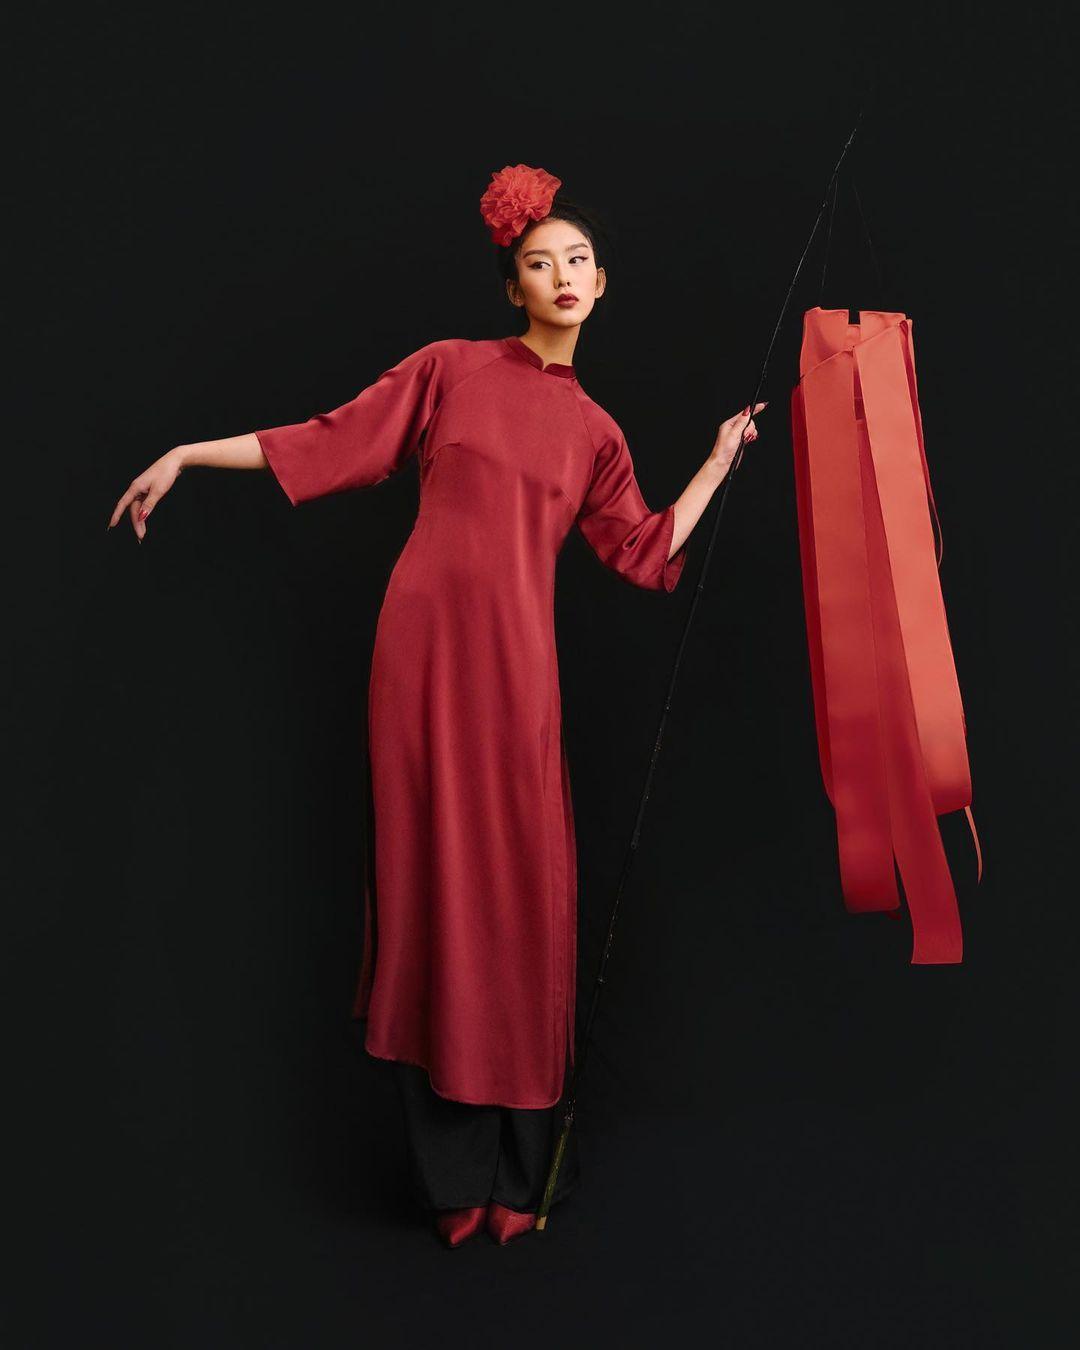 Áo dài đỏ của local brand: Giá từ 650K, chất với dáng đều đẹp lung linh để diện Tết - Ảnh 4.